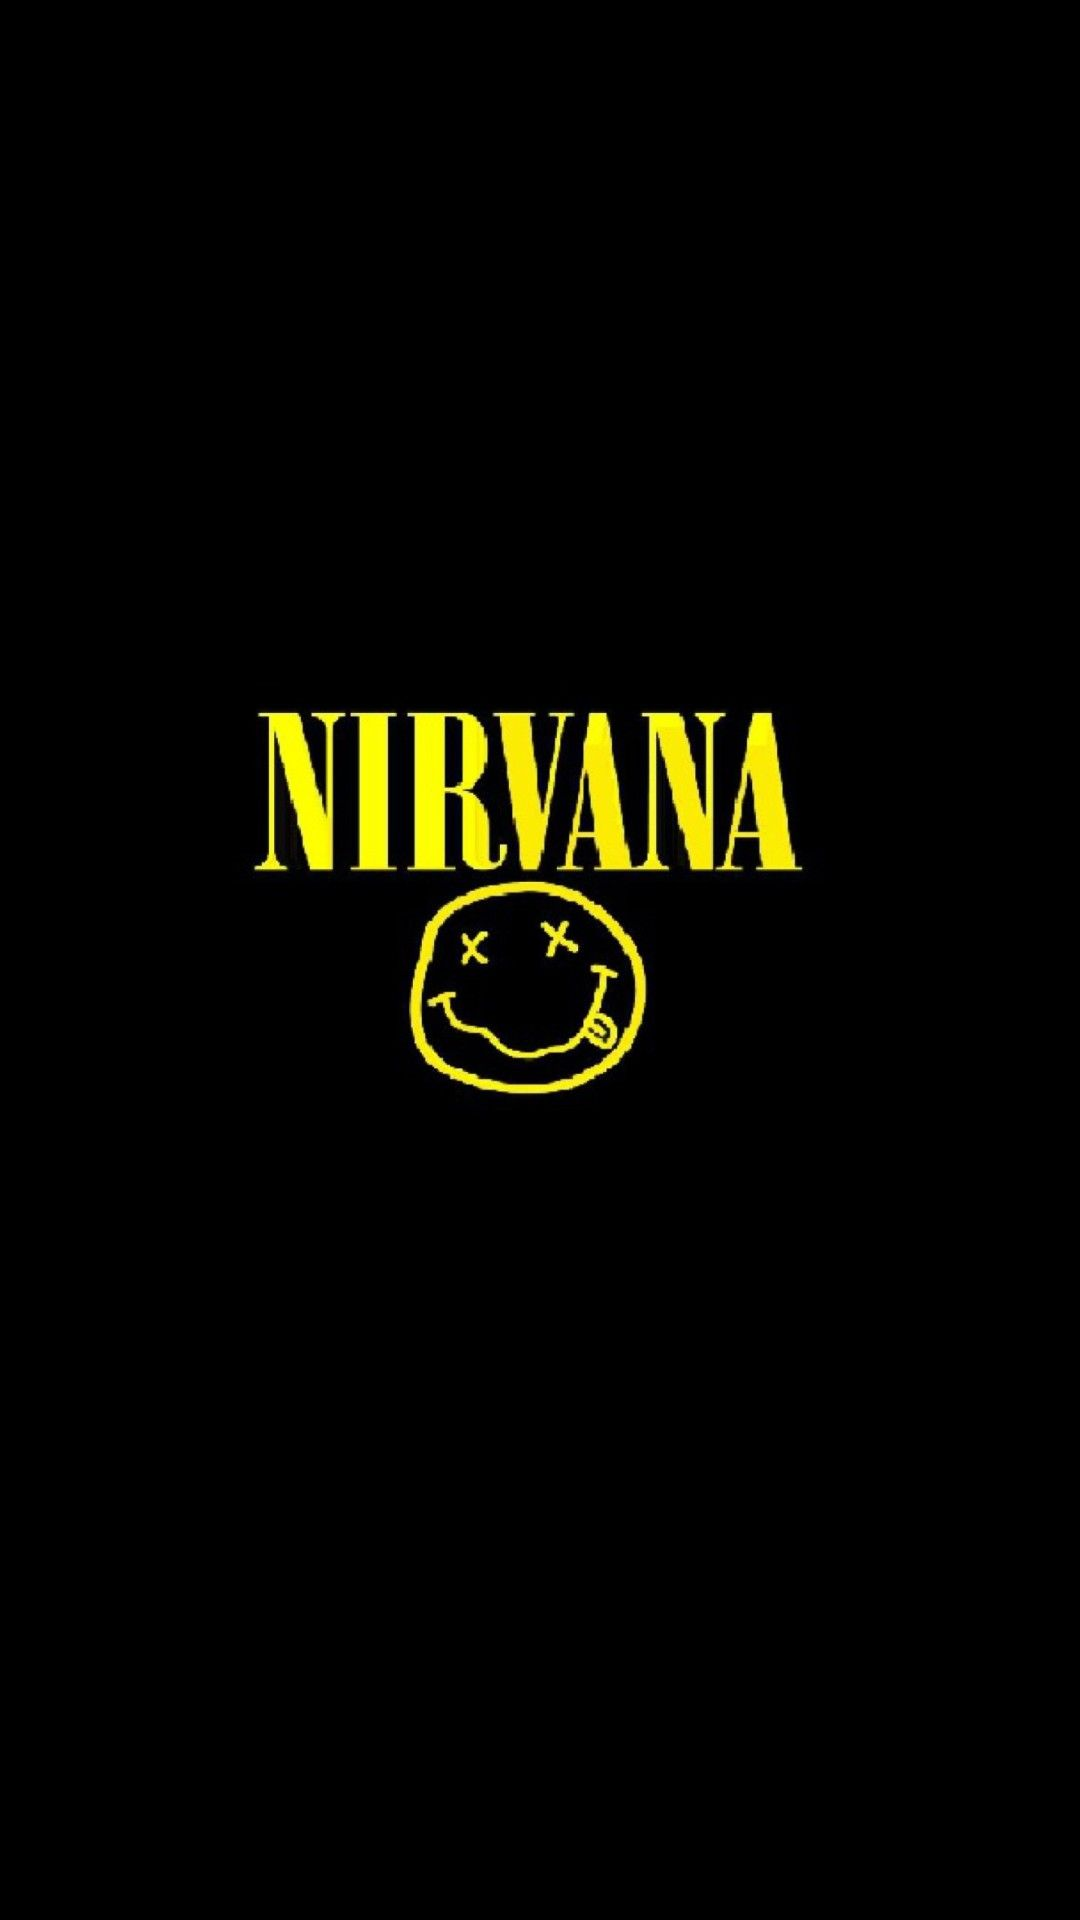 Nirvana Wallpaper Pôsteres de banda, Pôsteres de rock